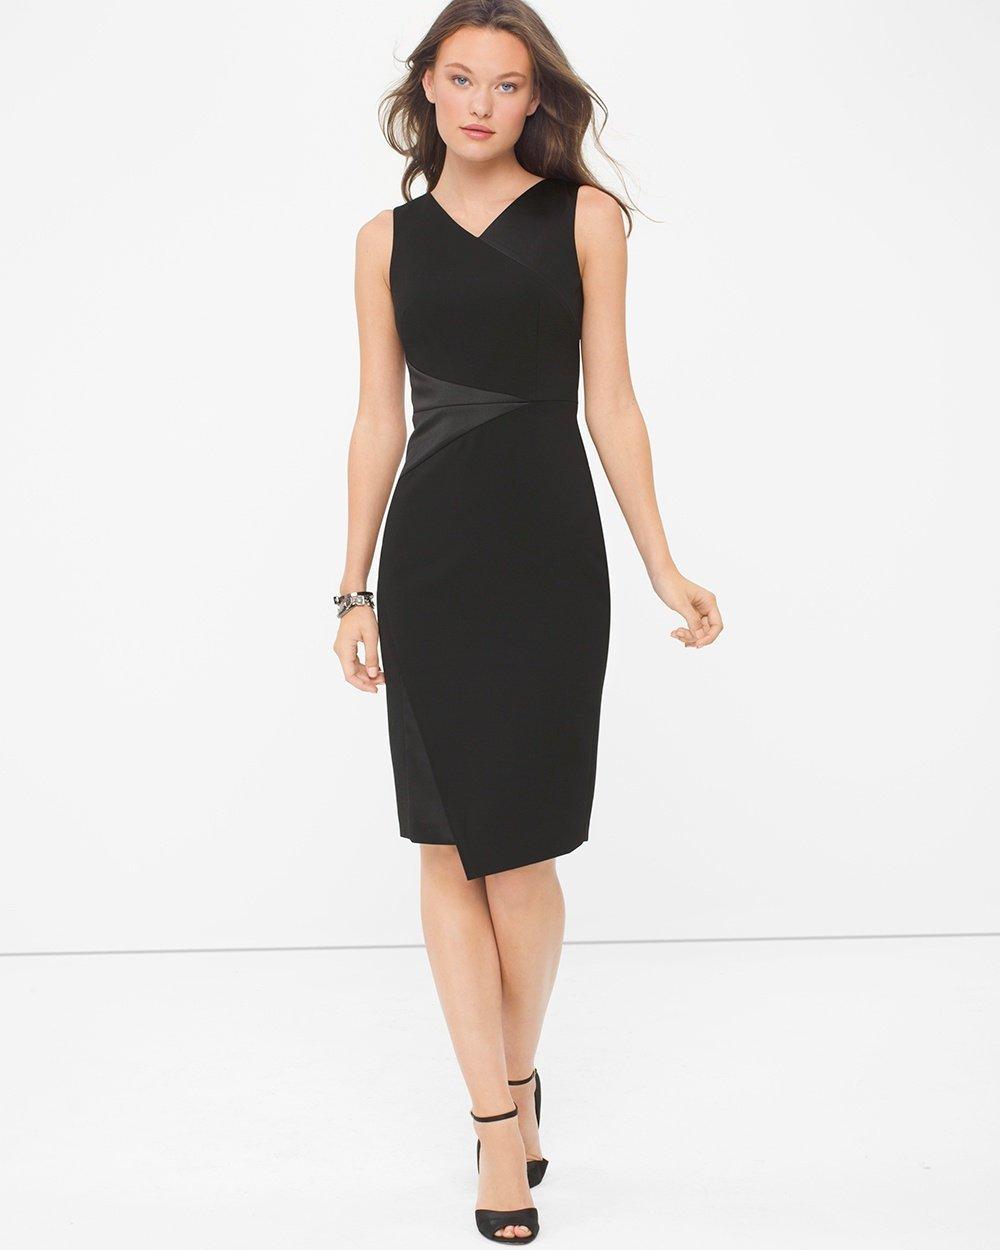 bc363273a17 Нельзя надевать платье слишком яркого цвета